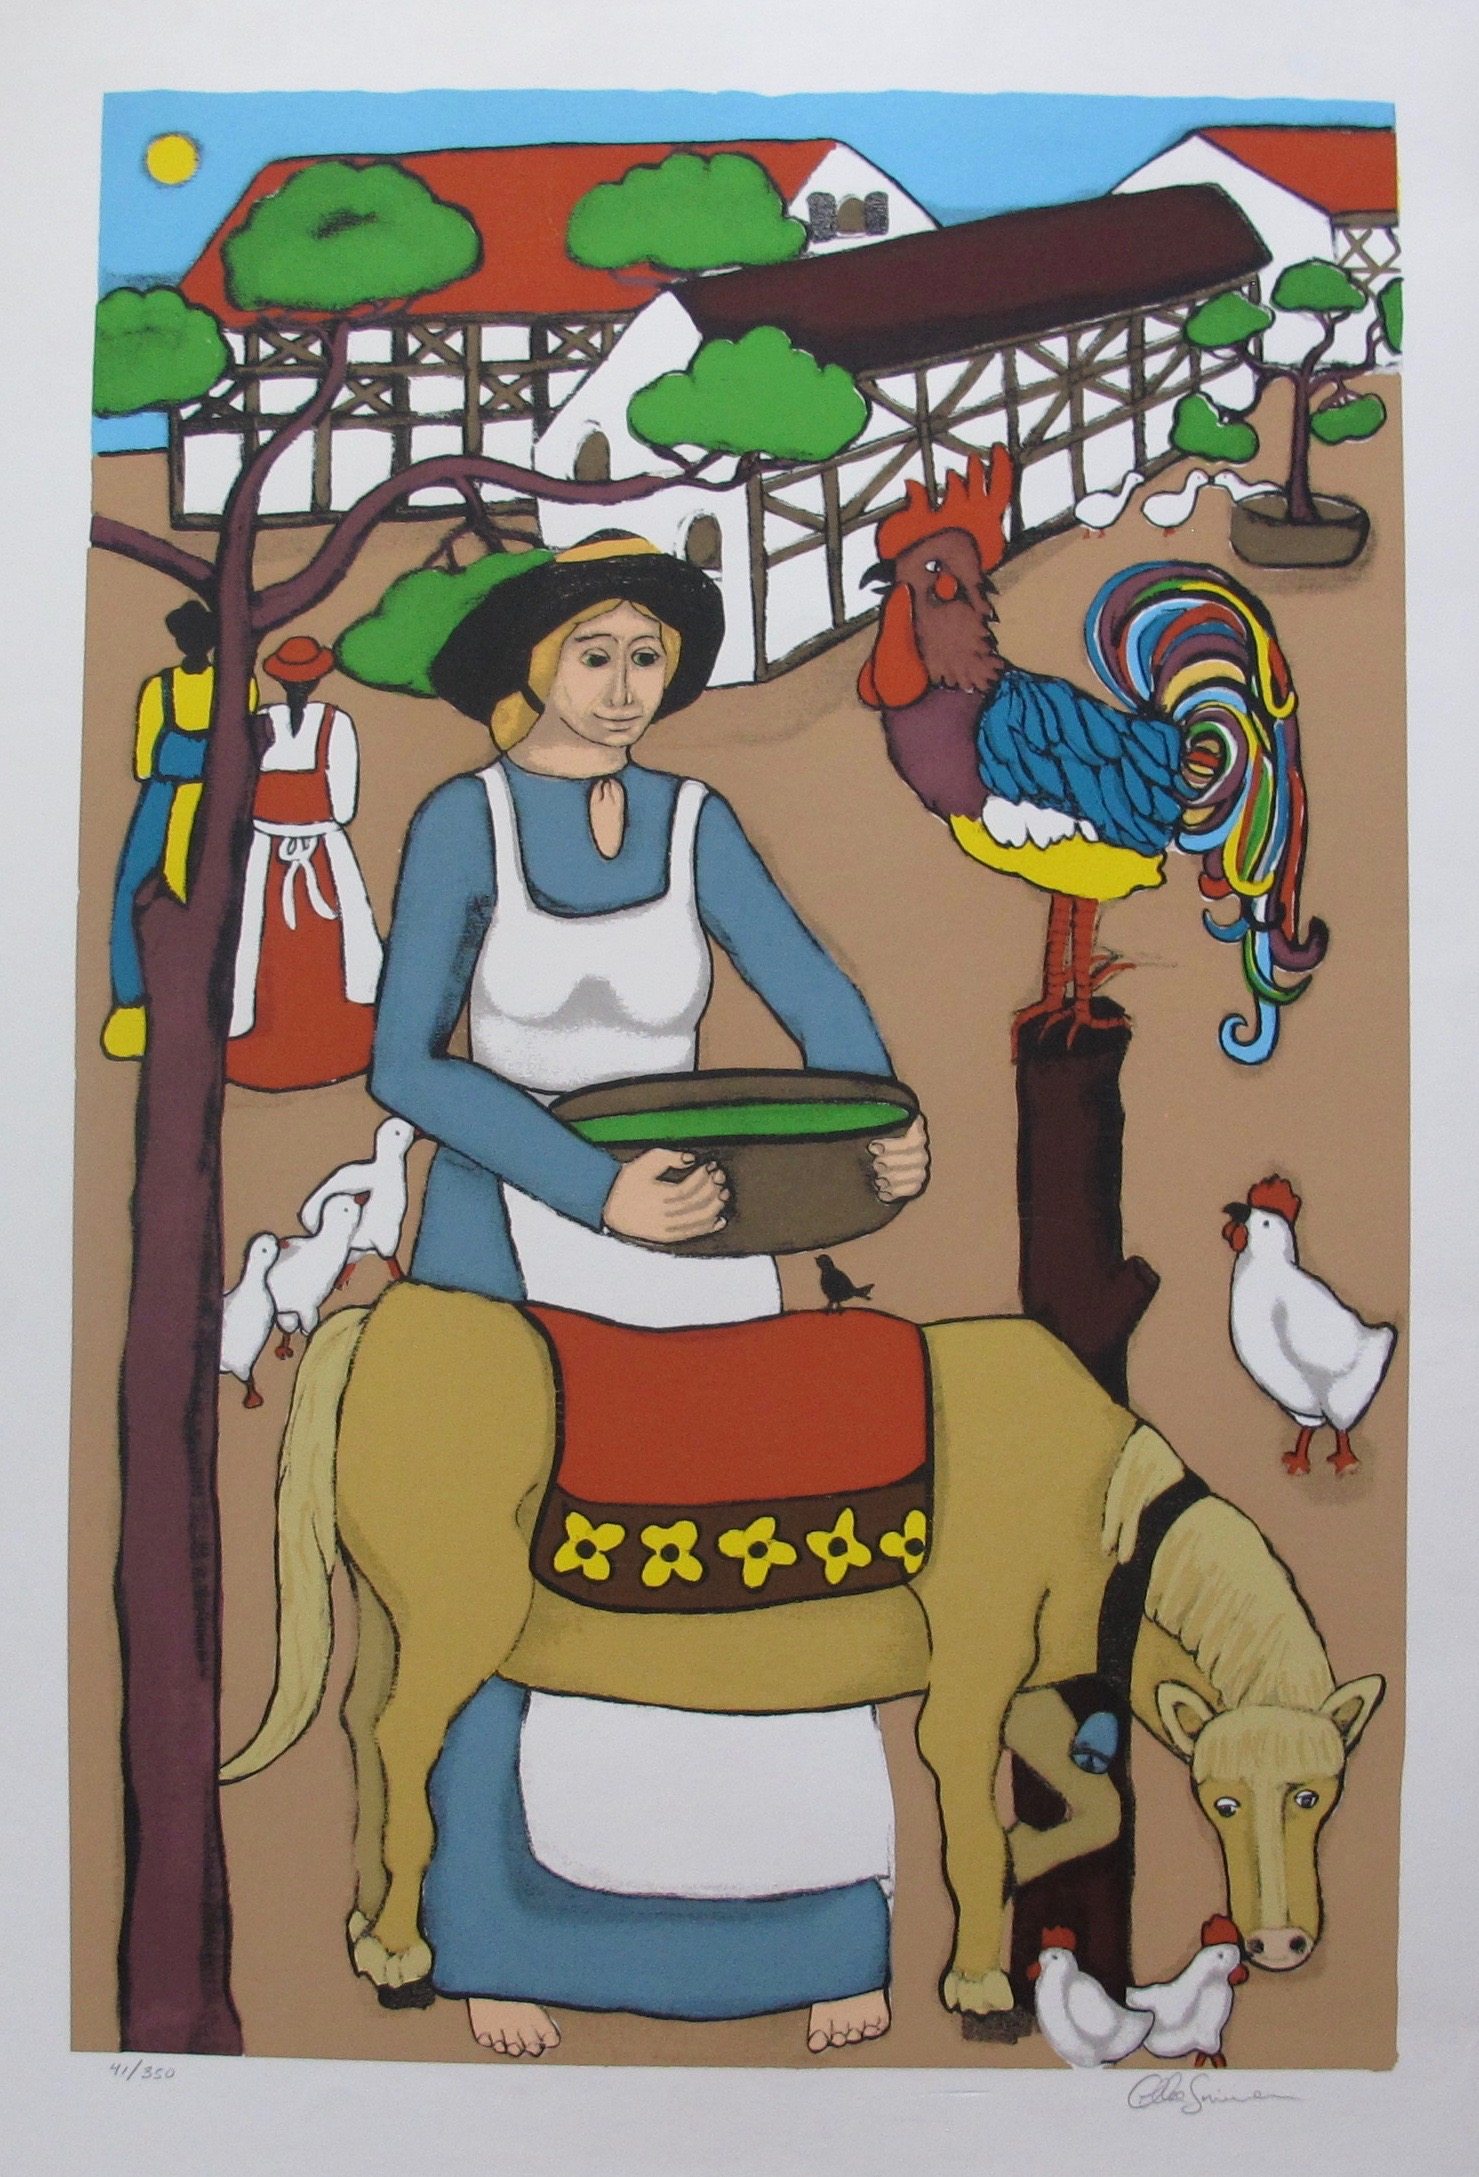 ELKE SOMMER Floating Donkey Hand Signed Limited Edition Serigraph Folk Art